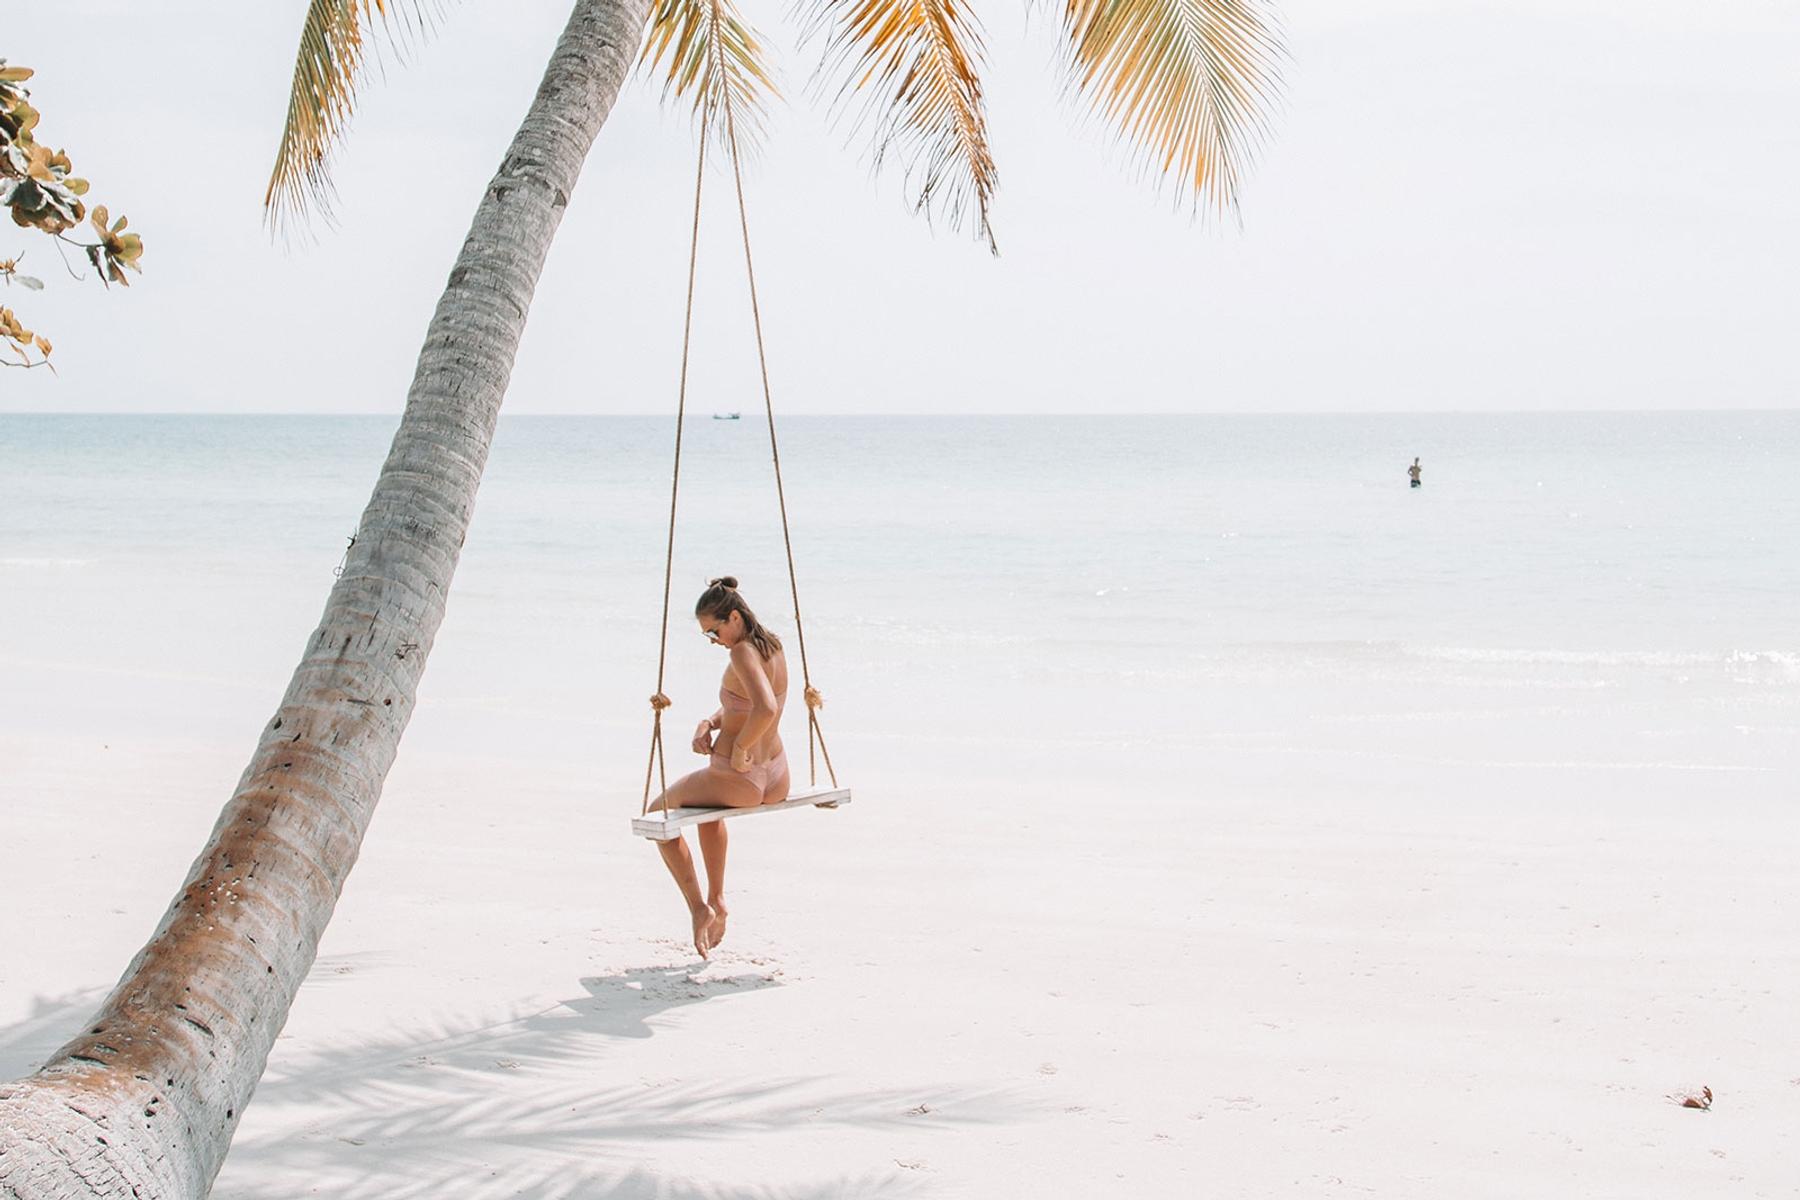 Самые бюджетные острова для отдыха на море — вьетнамский Фукуок